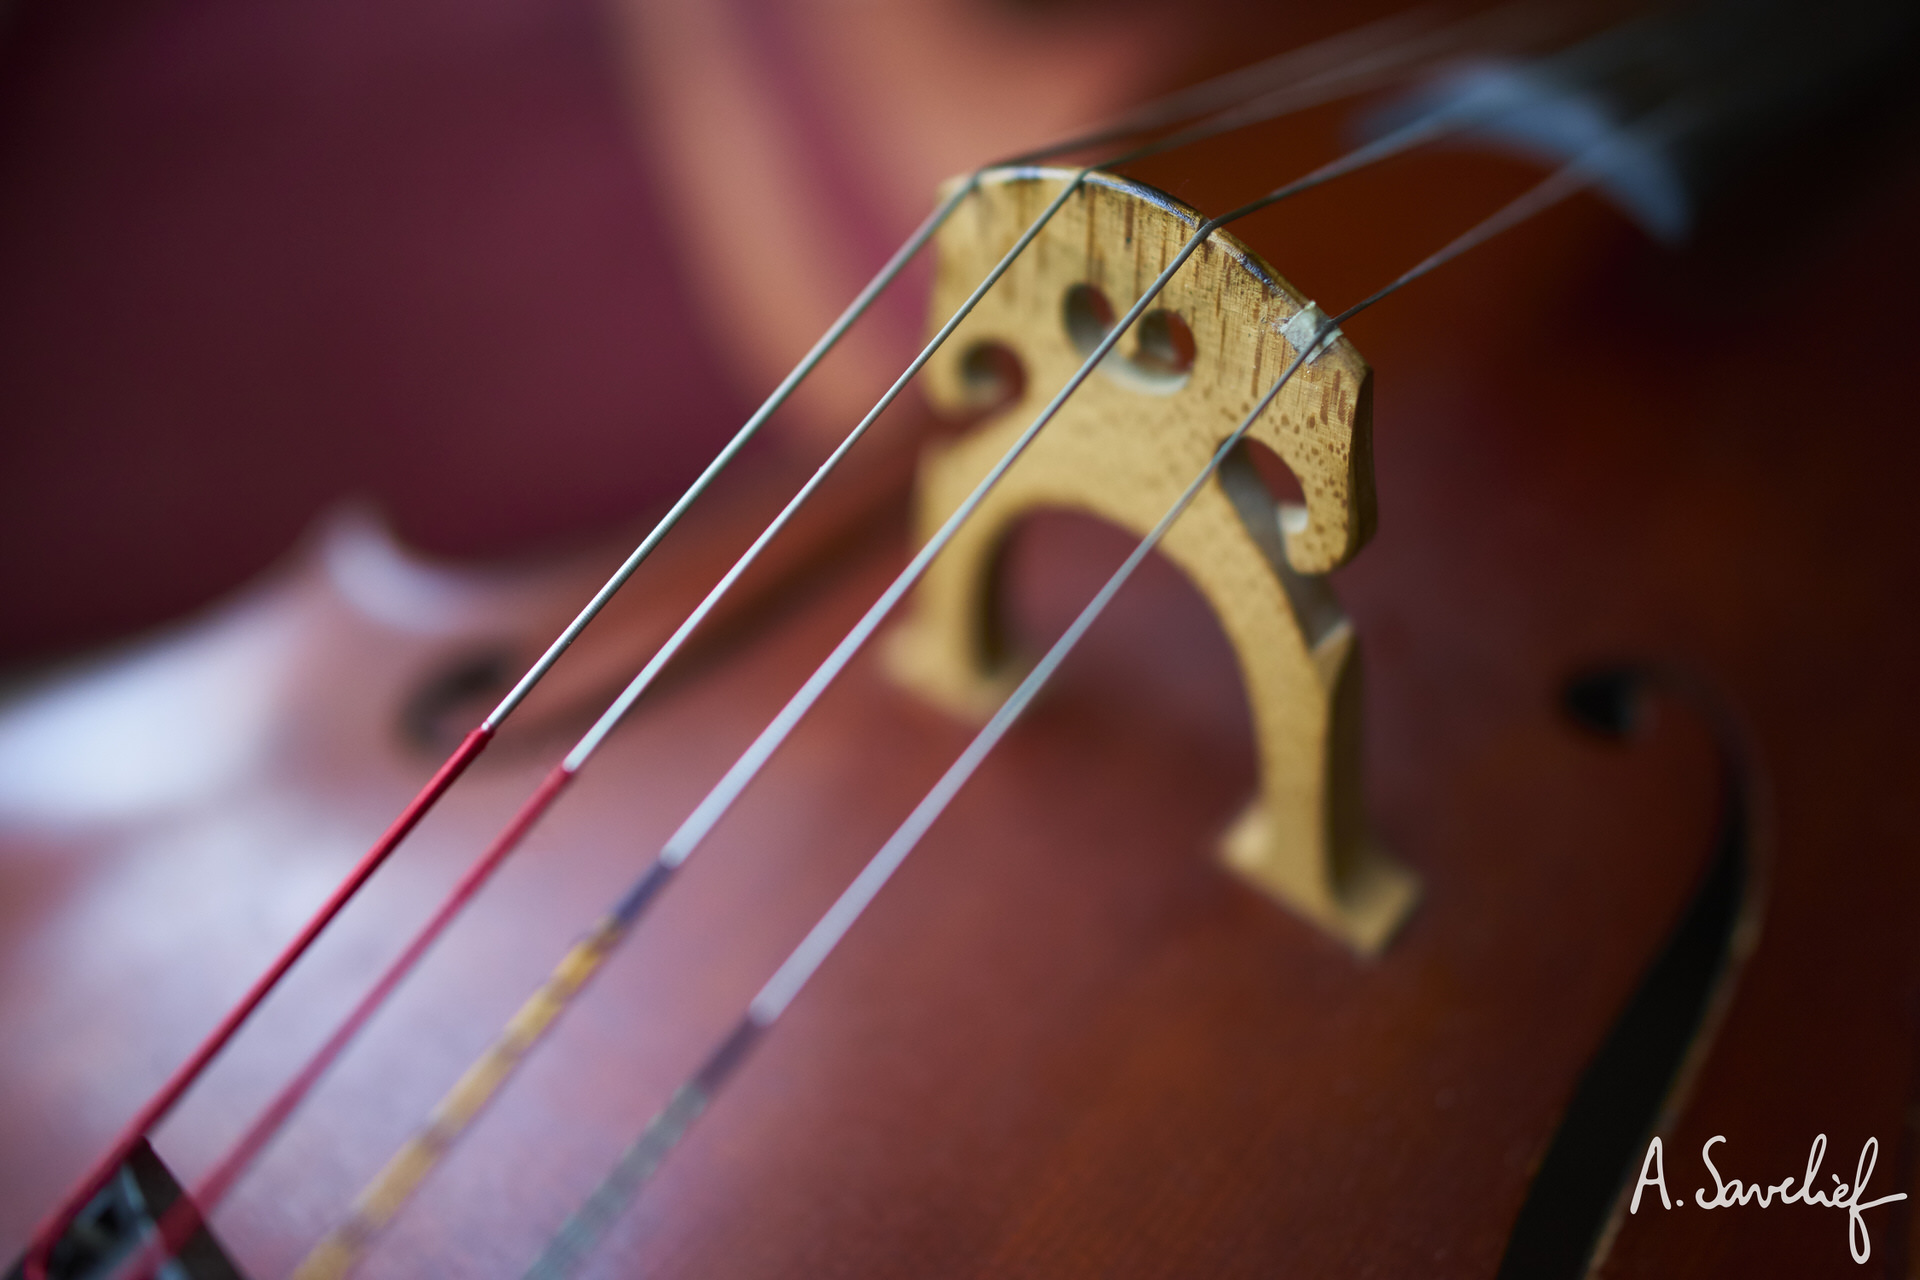 cordes et chevalet de violoncelle, haubans stylisés